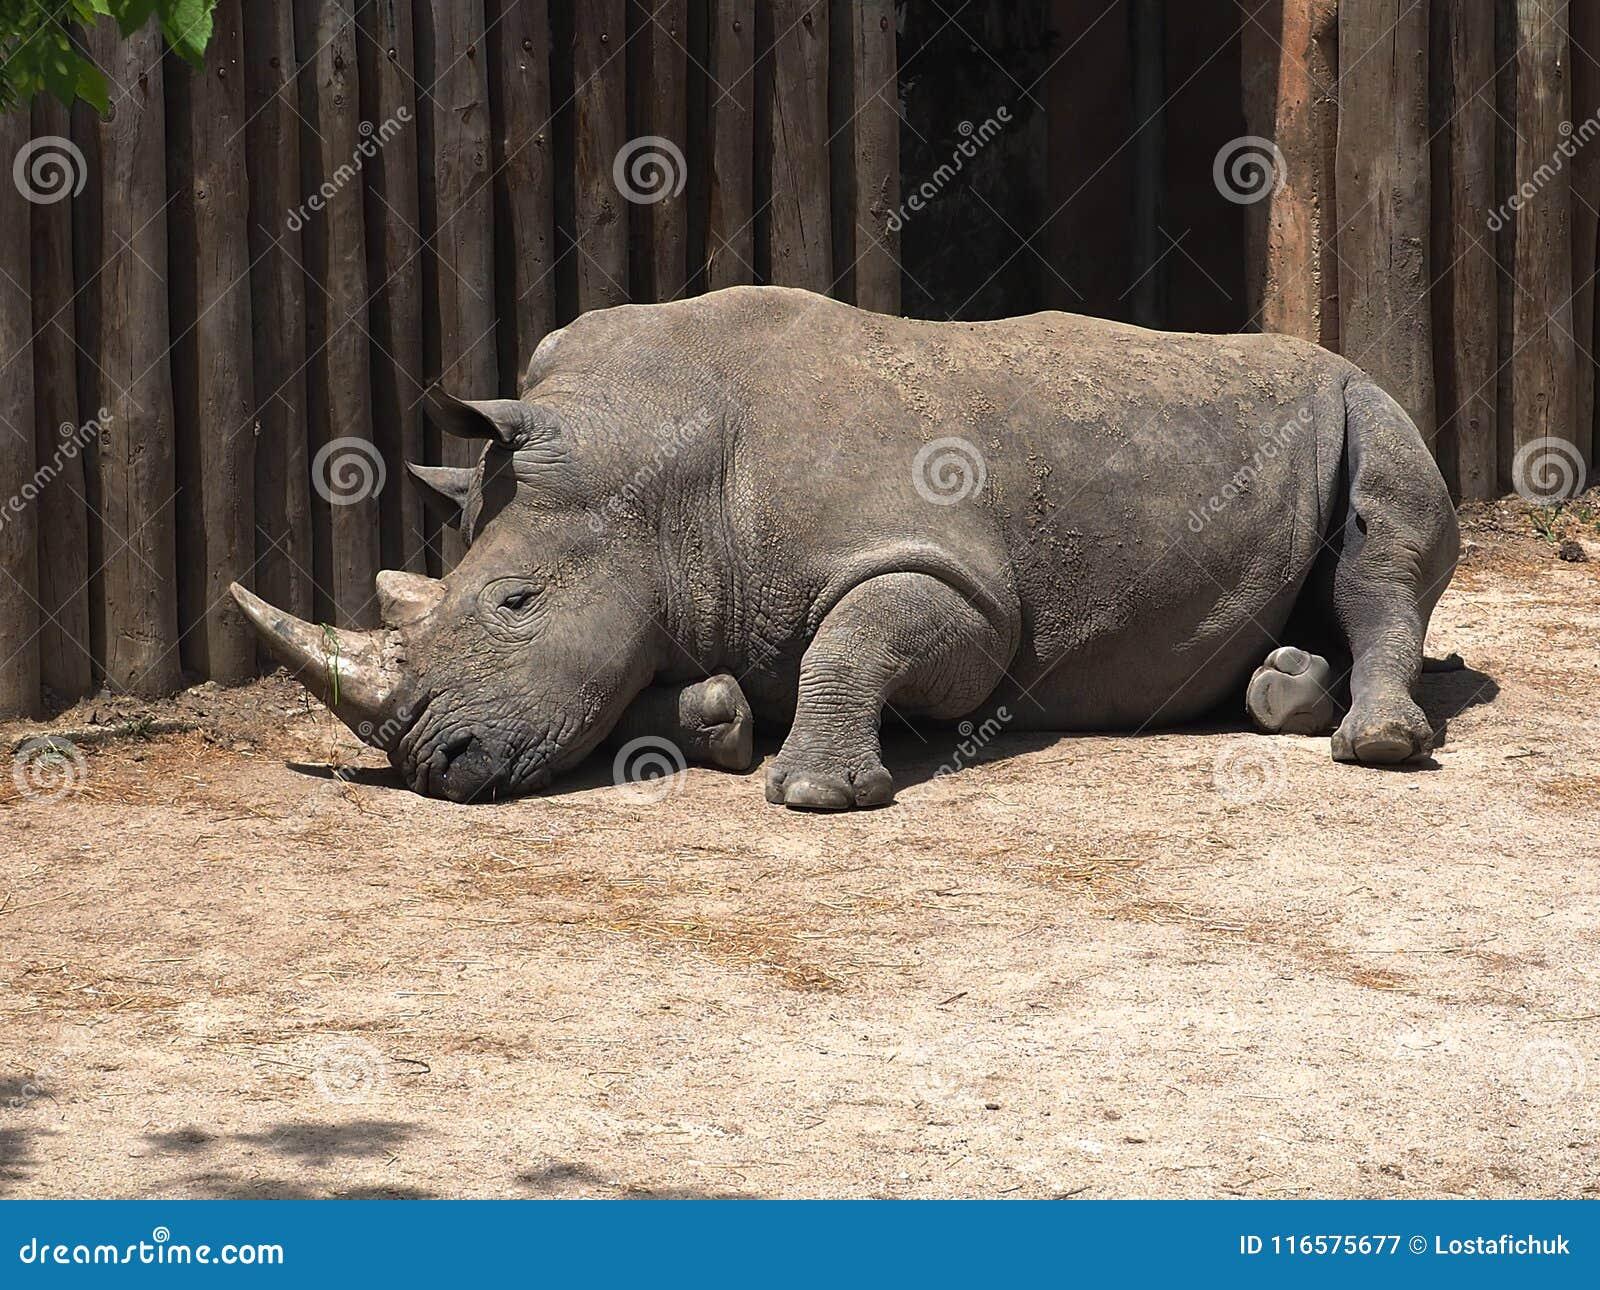 White Rhinoceros Or Ceratotherium Simum